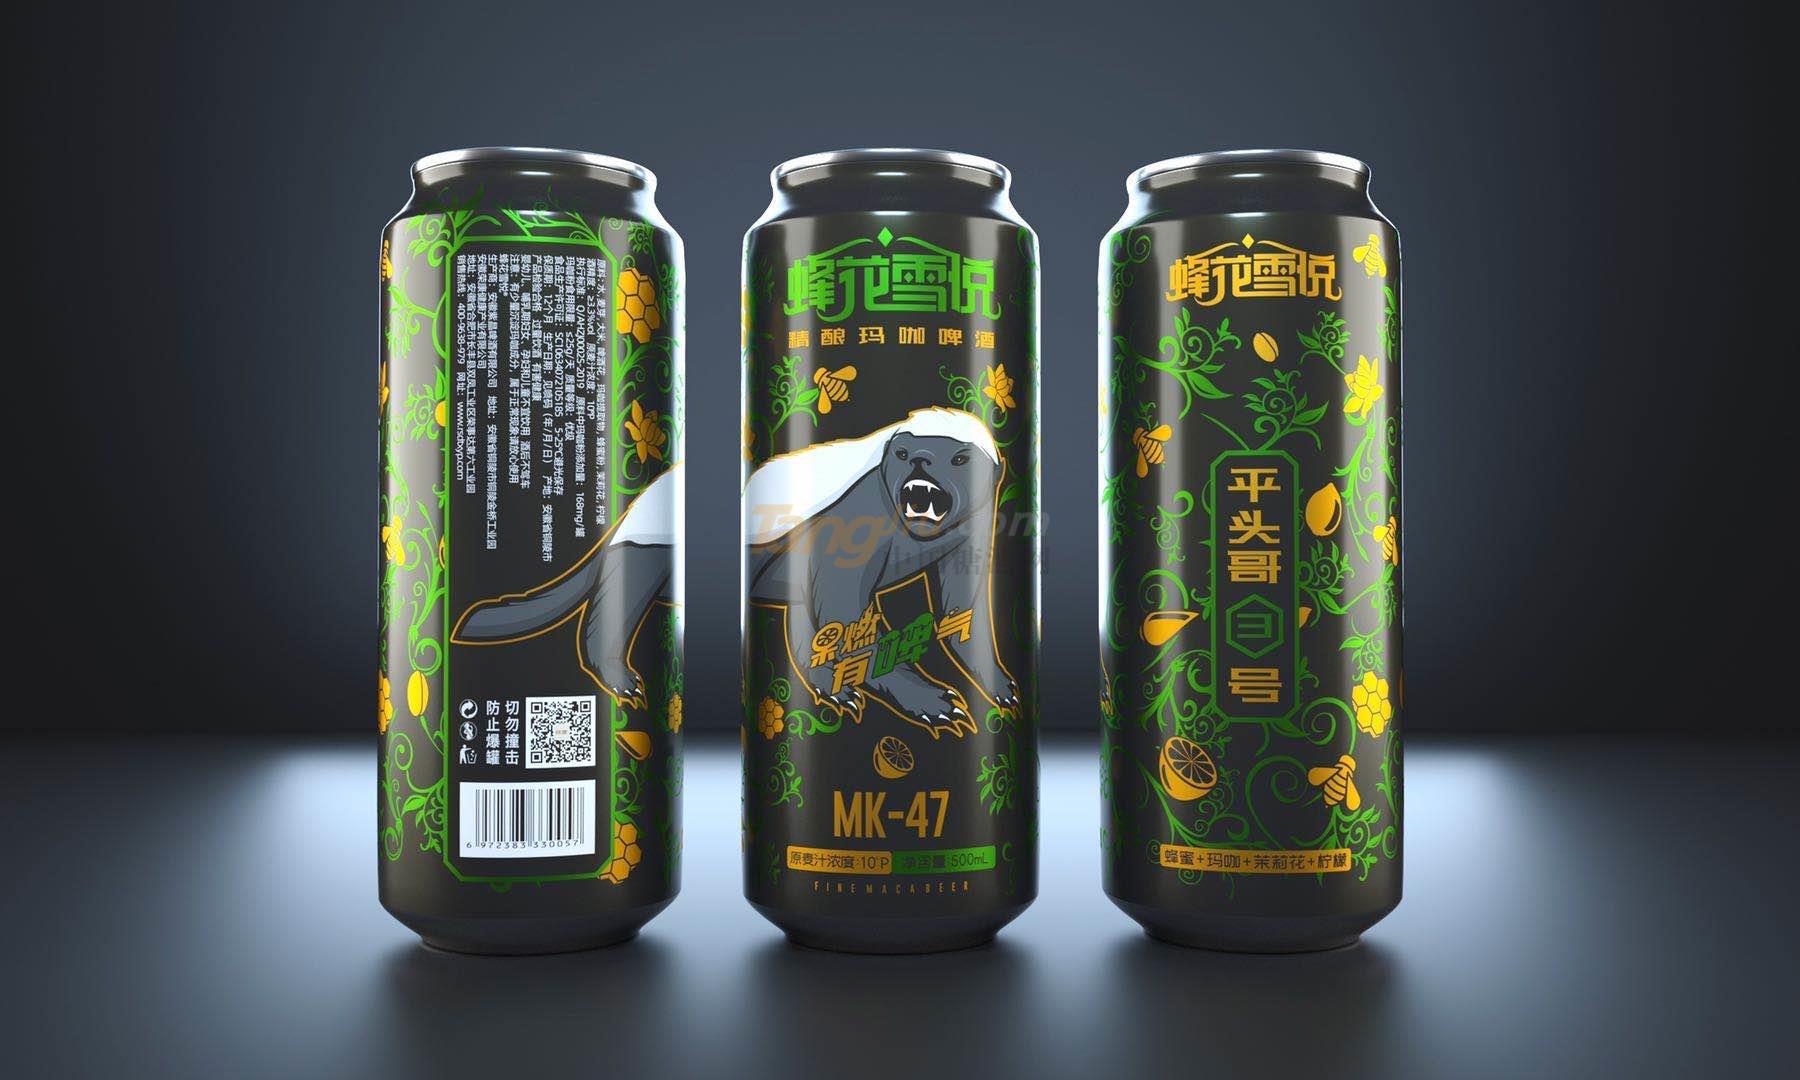 MK-47蜂花雪悦精酿玛咖啤酒.jpg